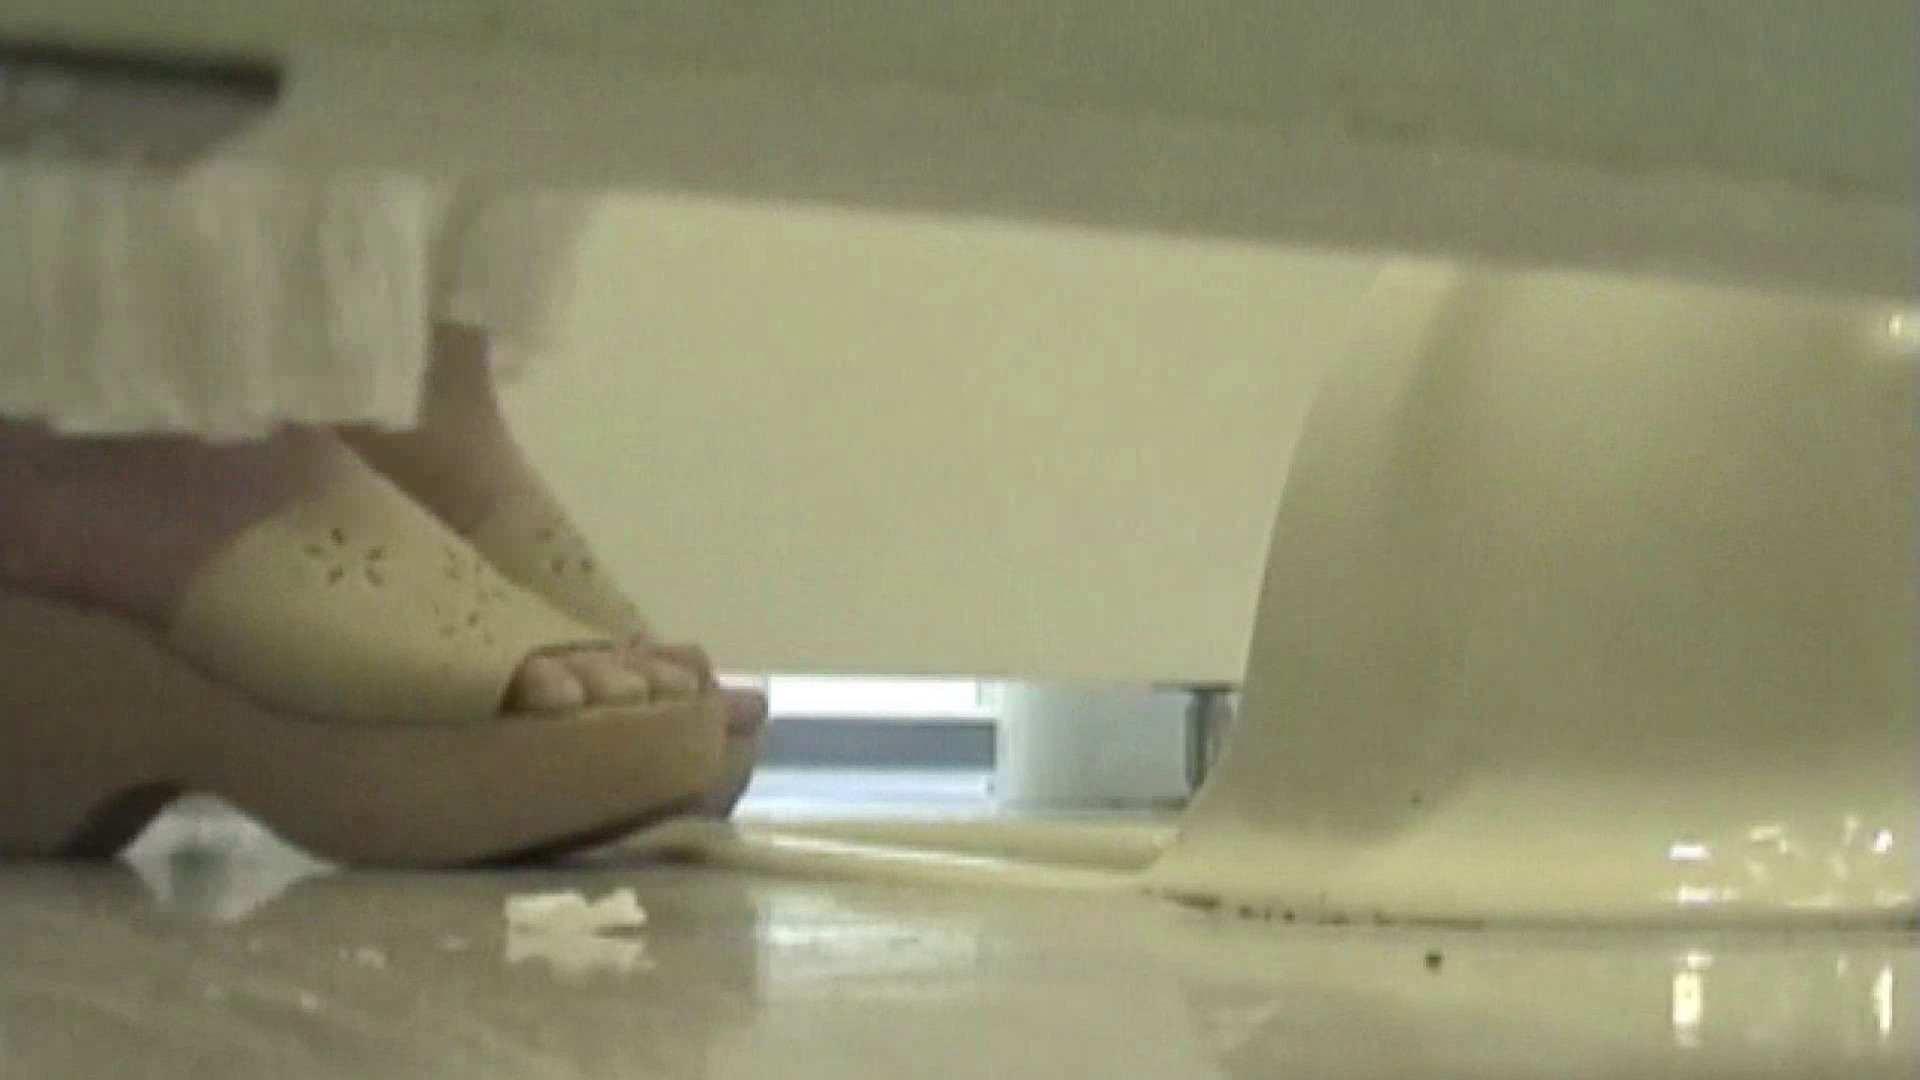 キレカワ女子大生の秘密の洗面所!Vol.031 OLの実態 盗み撮りSEX無修正画像 95pic 42